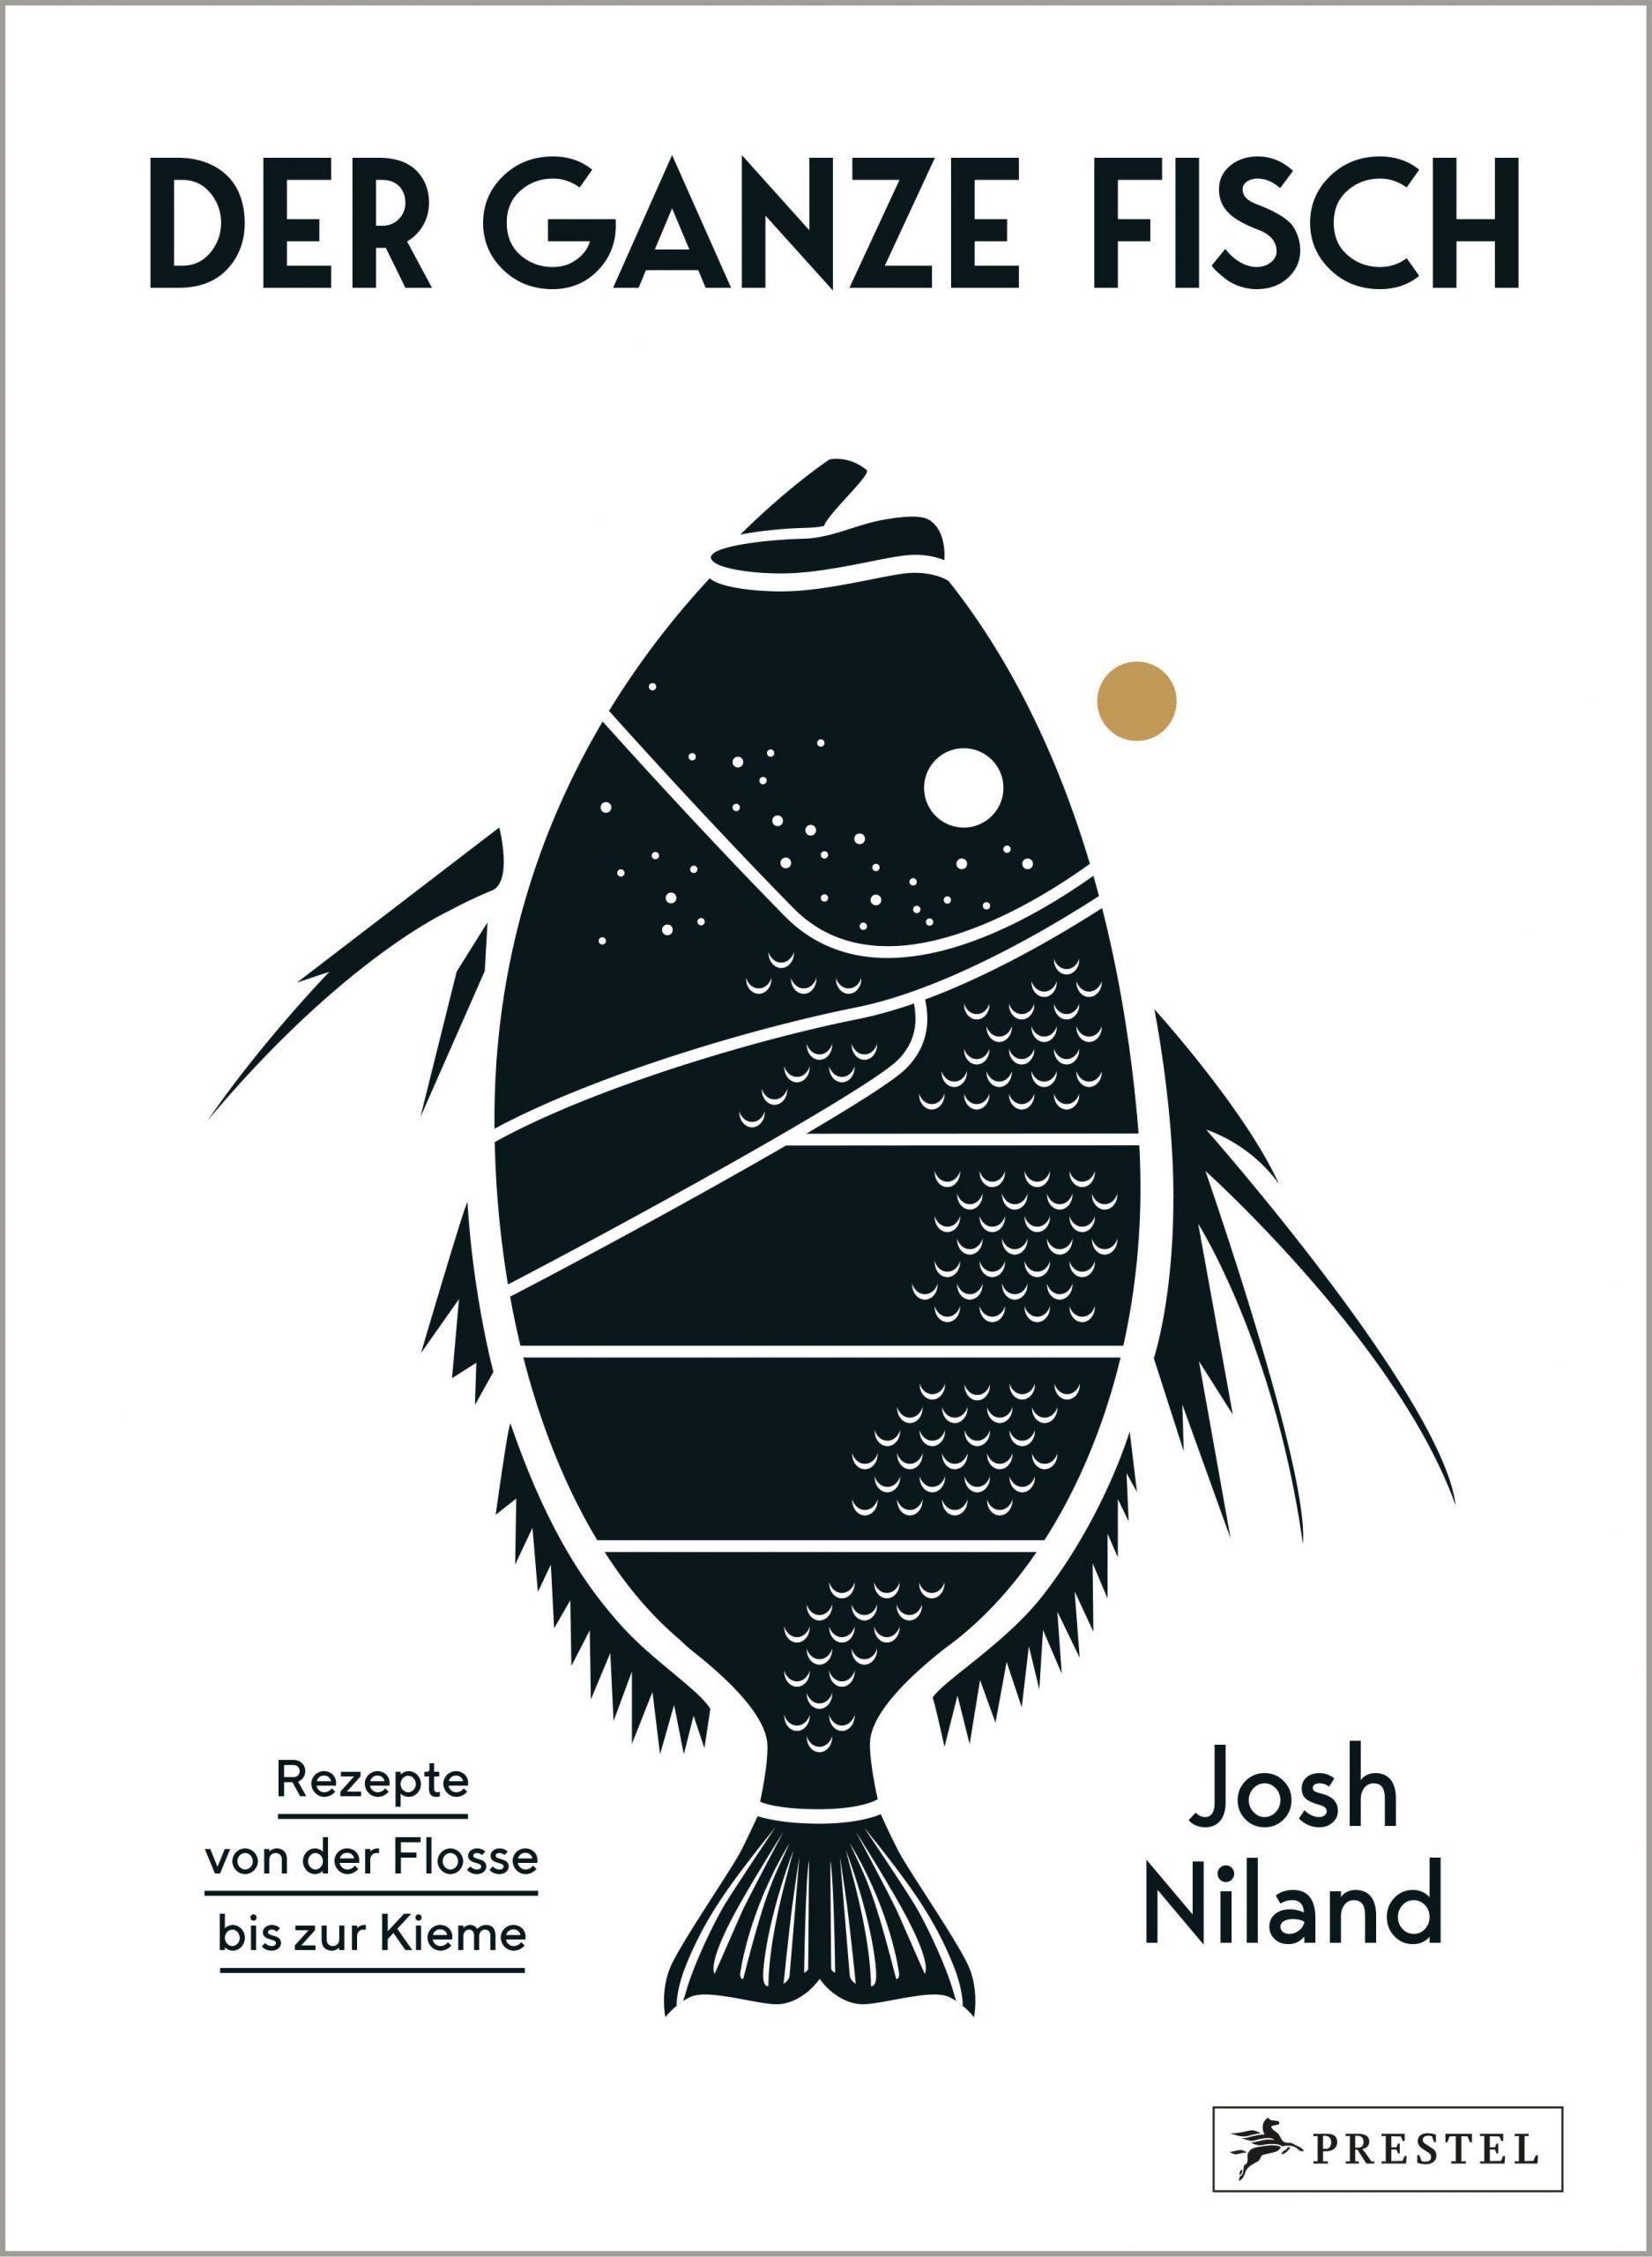 Josh Niland: Der ganze Fisch. Prestel, 2020